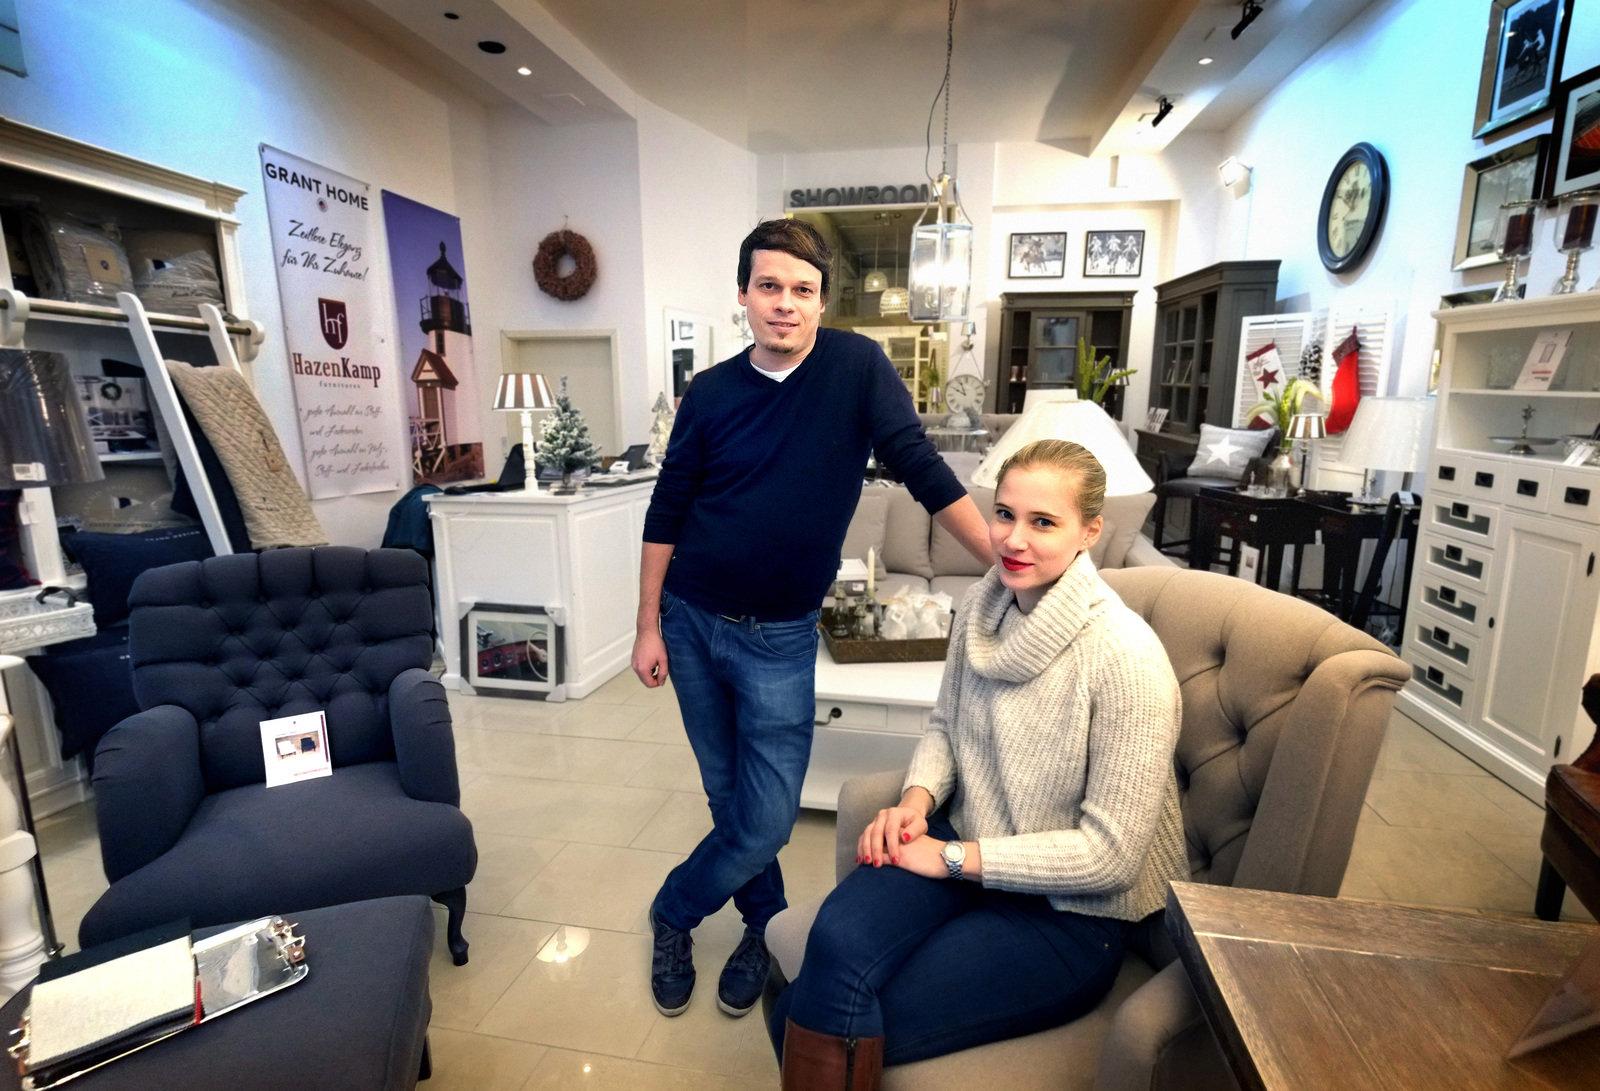 bielefeld gant home exclusives einrichtungshaus in der. Black Bedroom Furniture Sets. Home Design Ideas